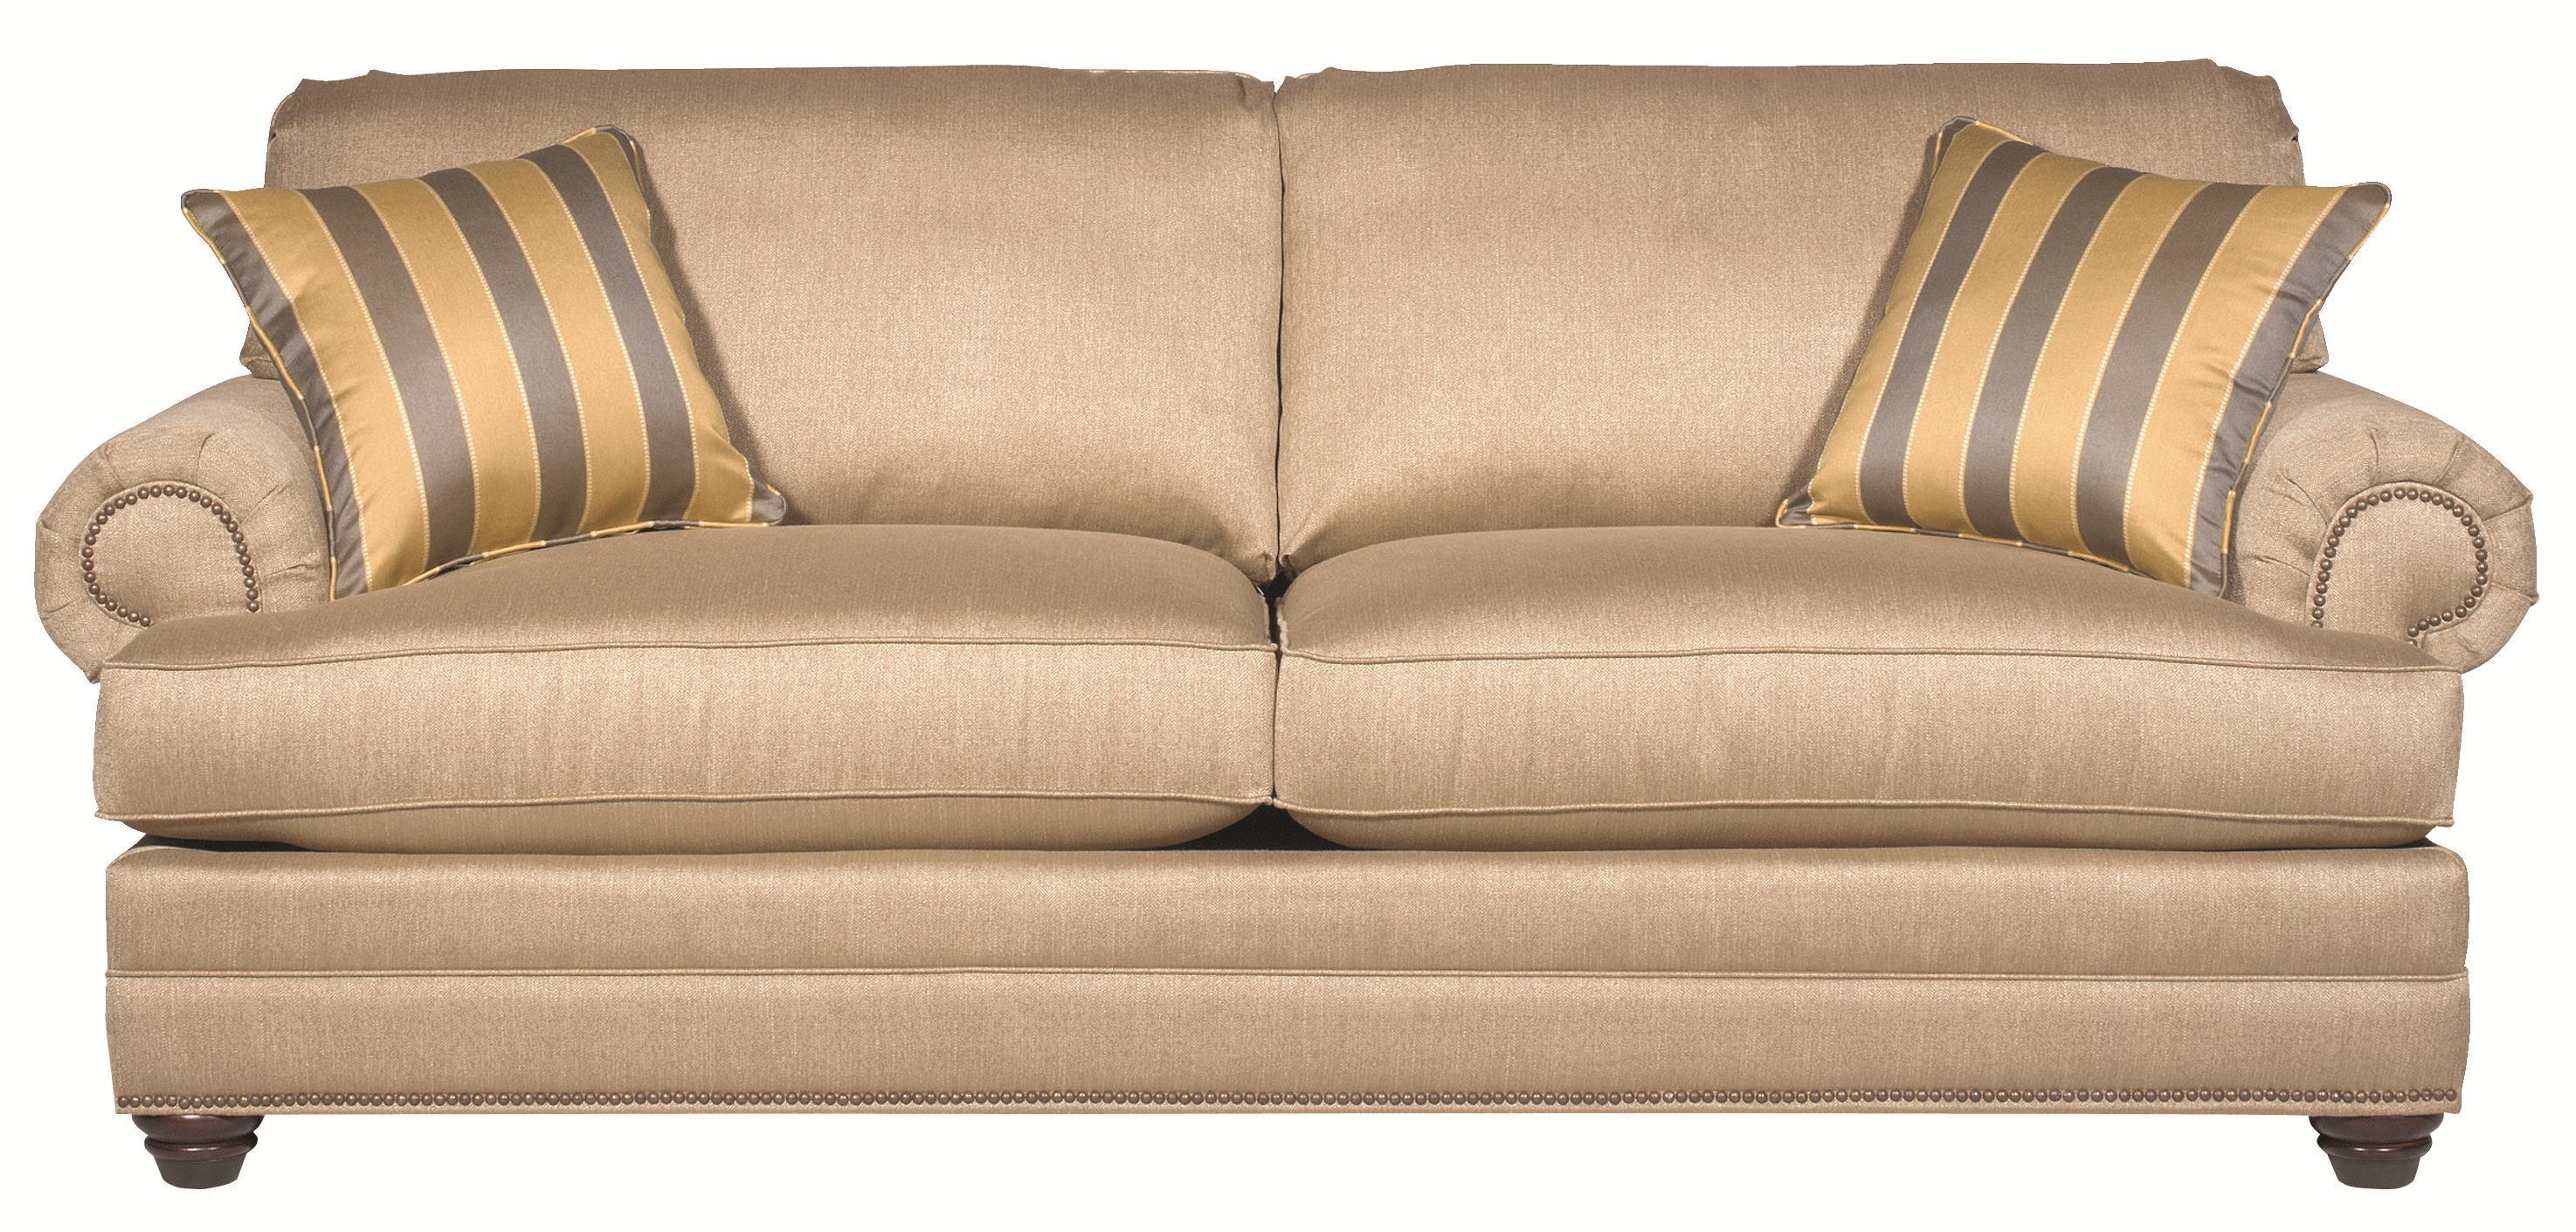 bassett custom upholstery estate customizable stationary